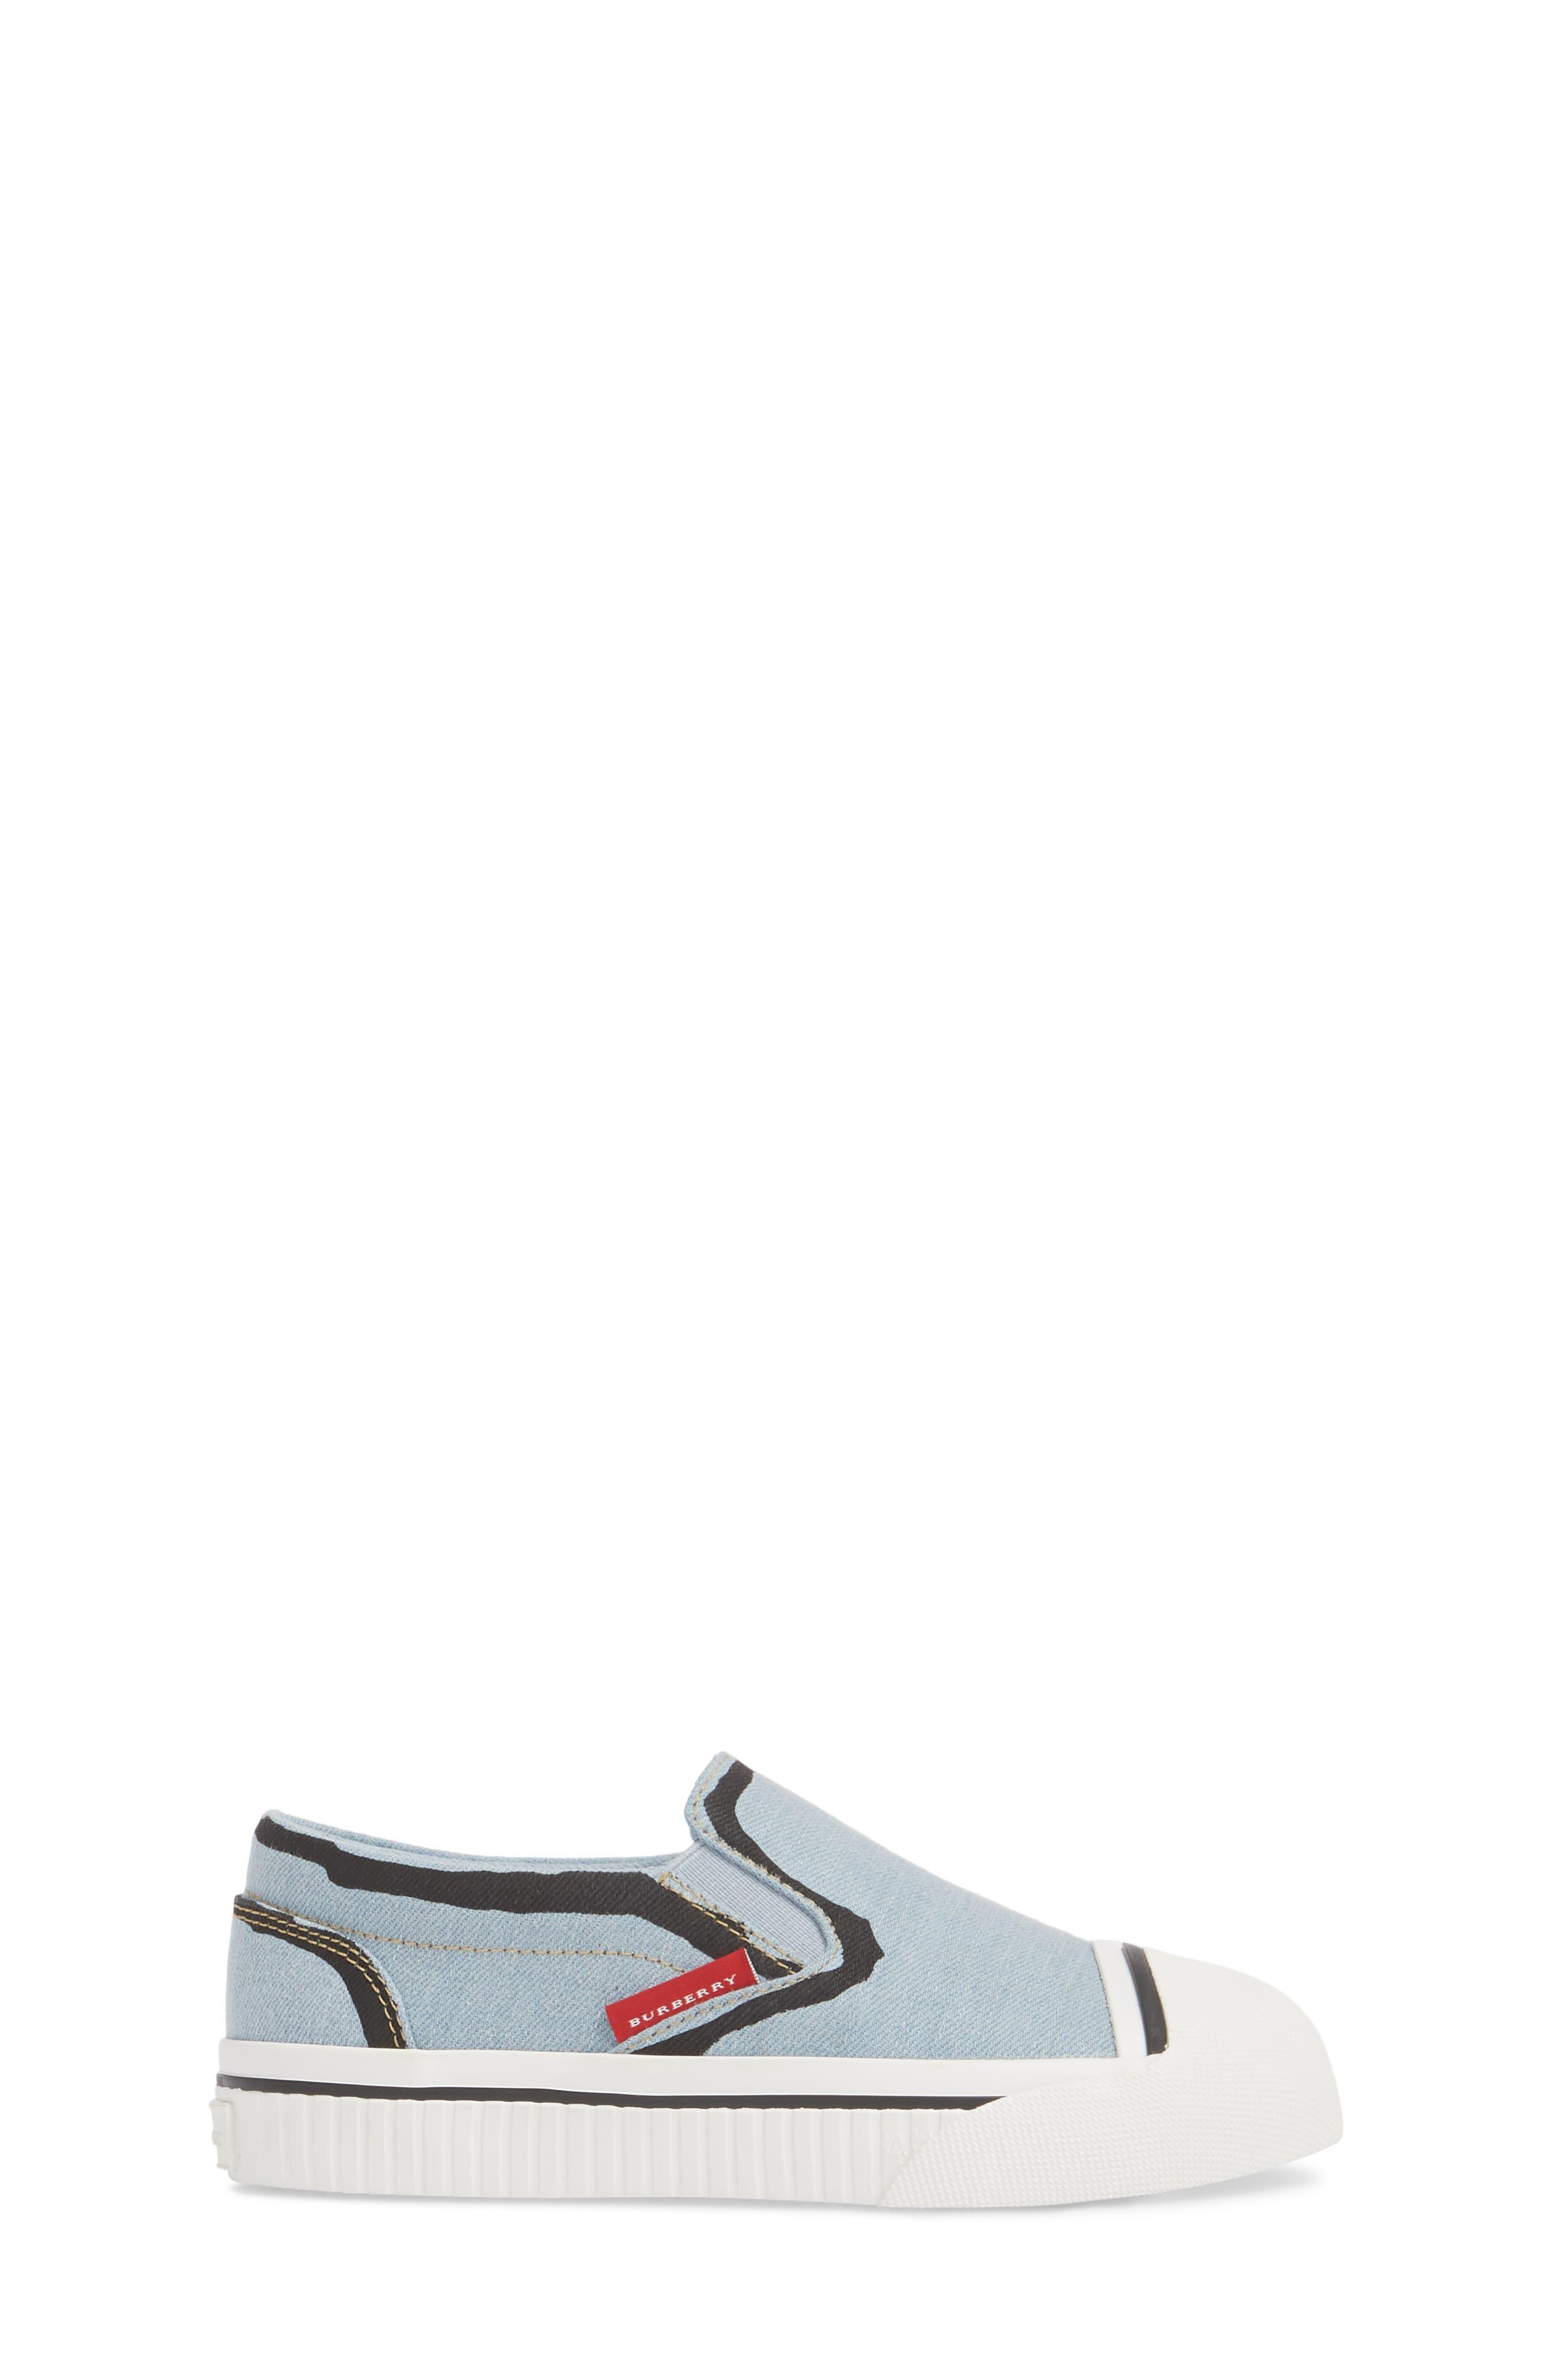 Lipton Slip-On Sneaker,                             Alternate thumbnail 3, color,                             LIGHT BLUE